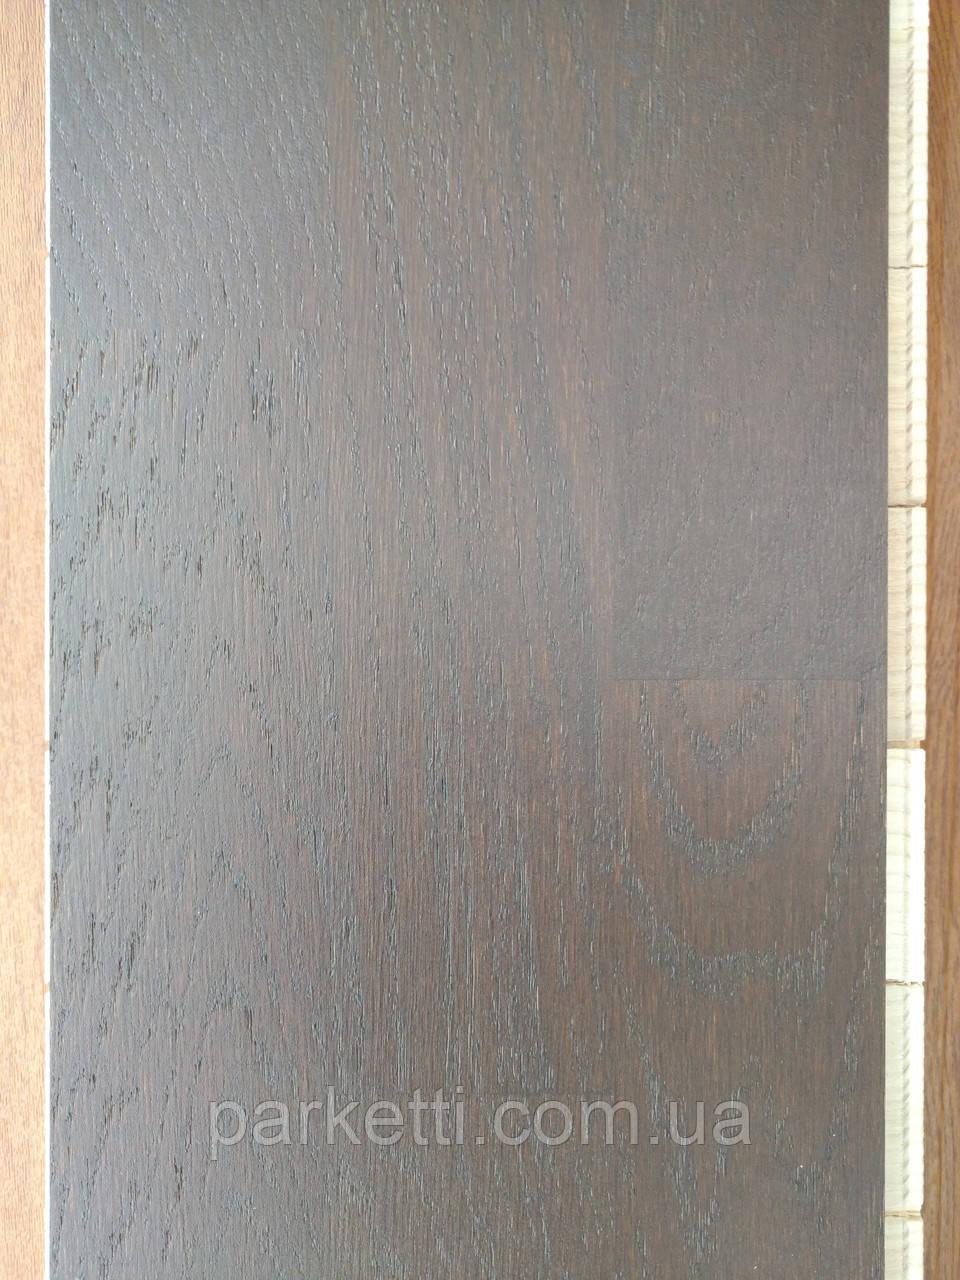 Паркетная доска Wood Floor Дуб Коньяк, фото 1